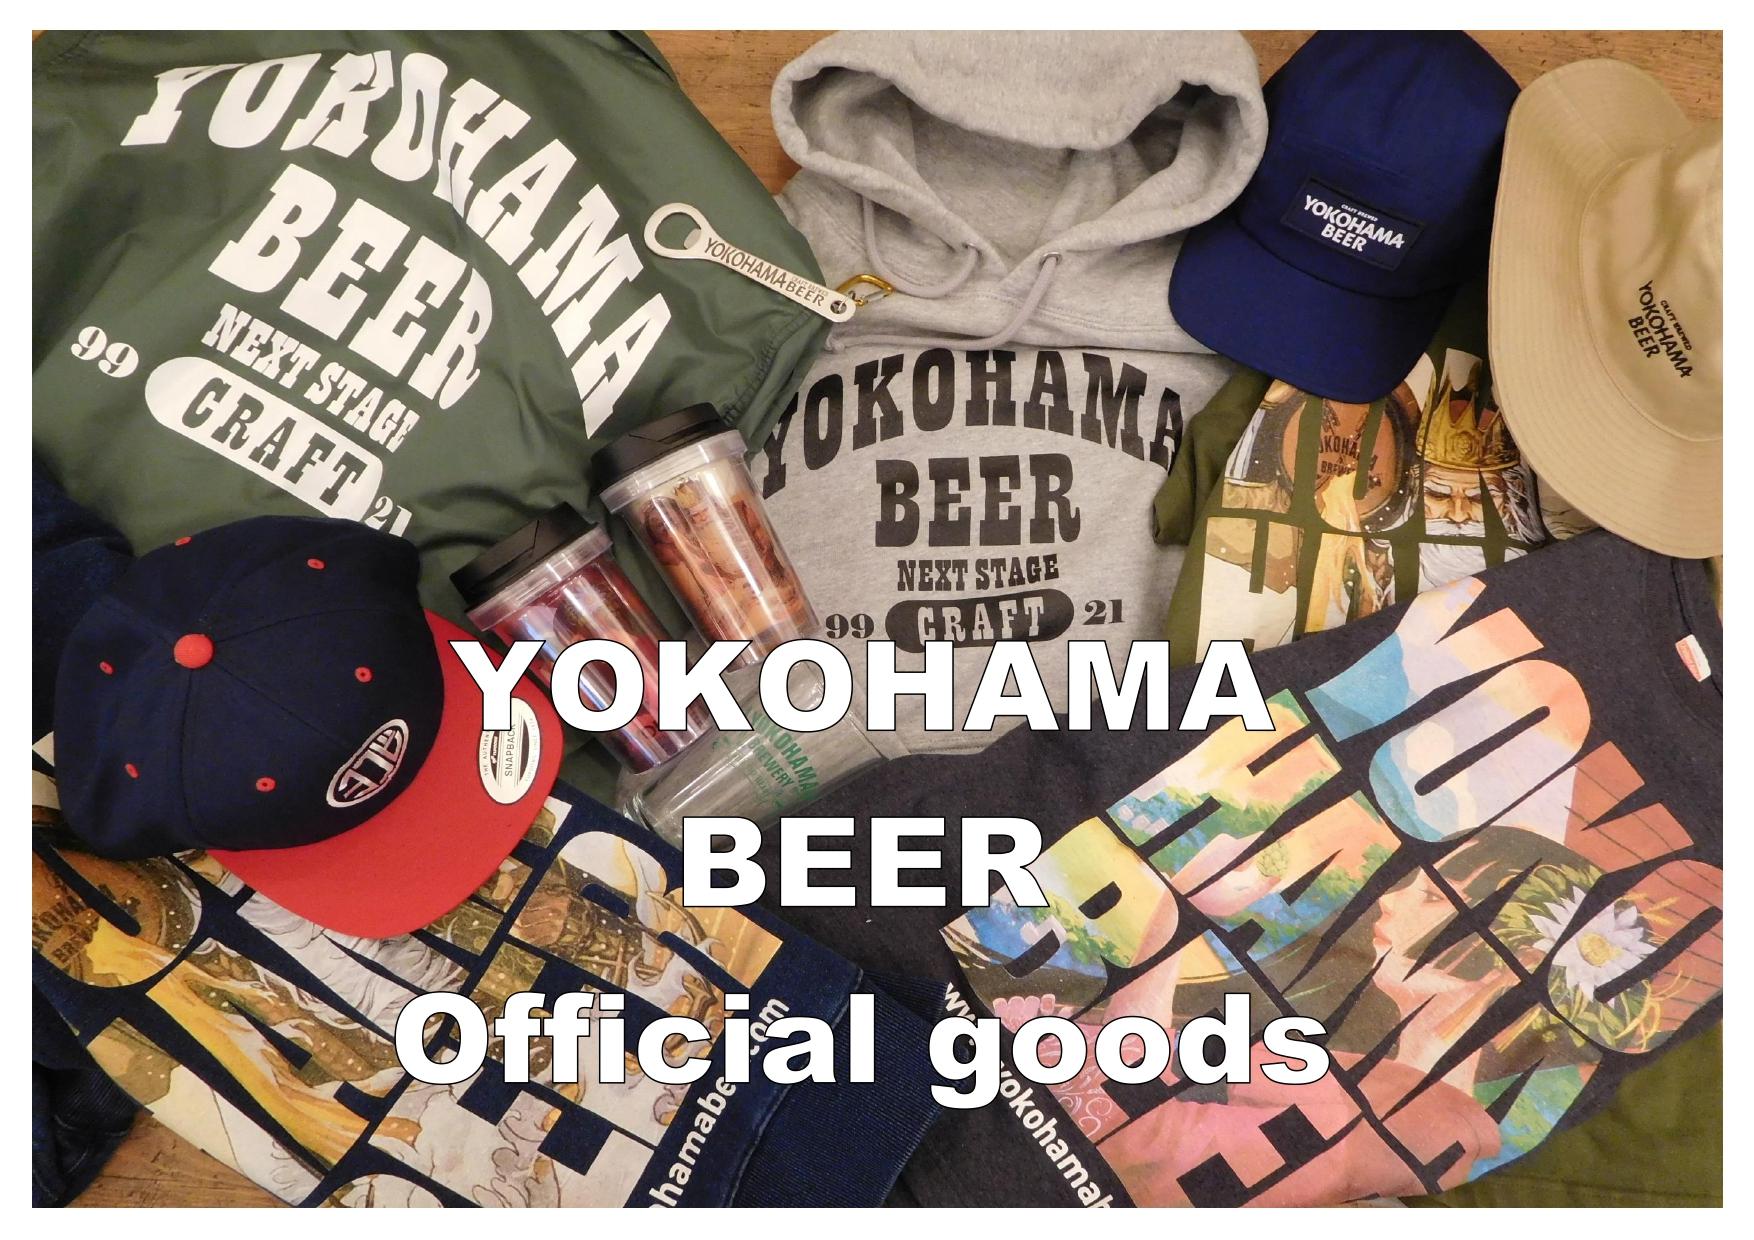 【横浜ビールがオリジナルアパレルグッズの展開をスタート!】  ビール文化発祥の地「横浜」よりビールとともにオリジナルグッズ展開を強化! Tシャツ等を中心にすでに10年ほど前から様々なグッズ展開をしてきた横浜ビールが本格的にアパレルグッズ展開をスタートします。